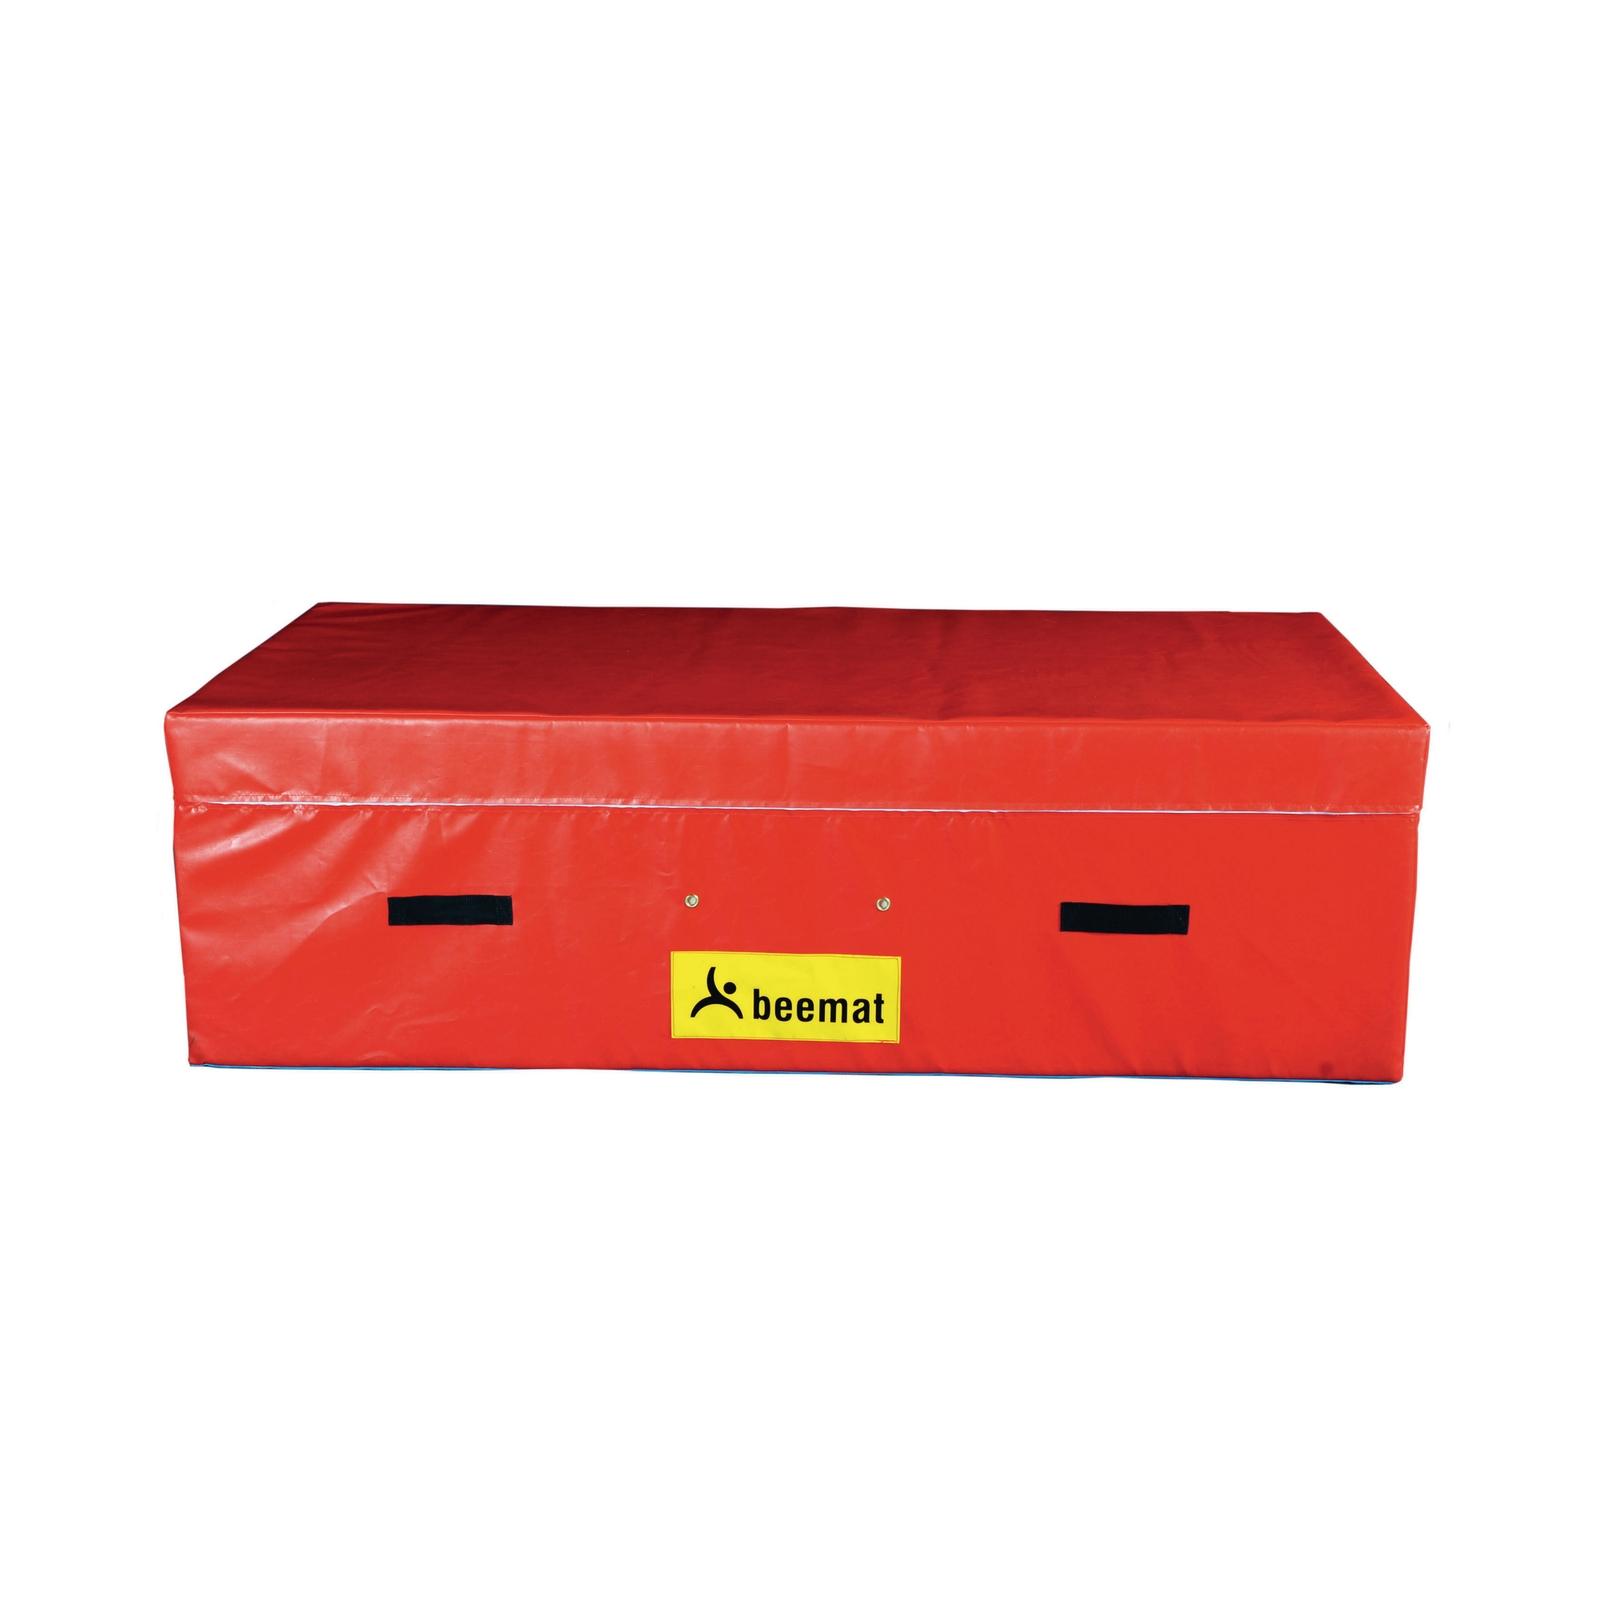 Beemat coaching block red 2m x 1m x 600mm davies sports for Schreibtisch 2m x 1m